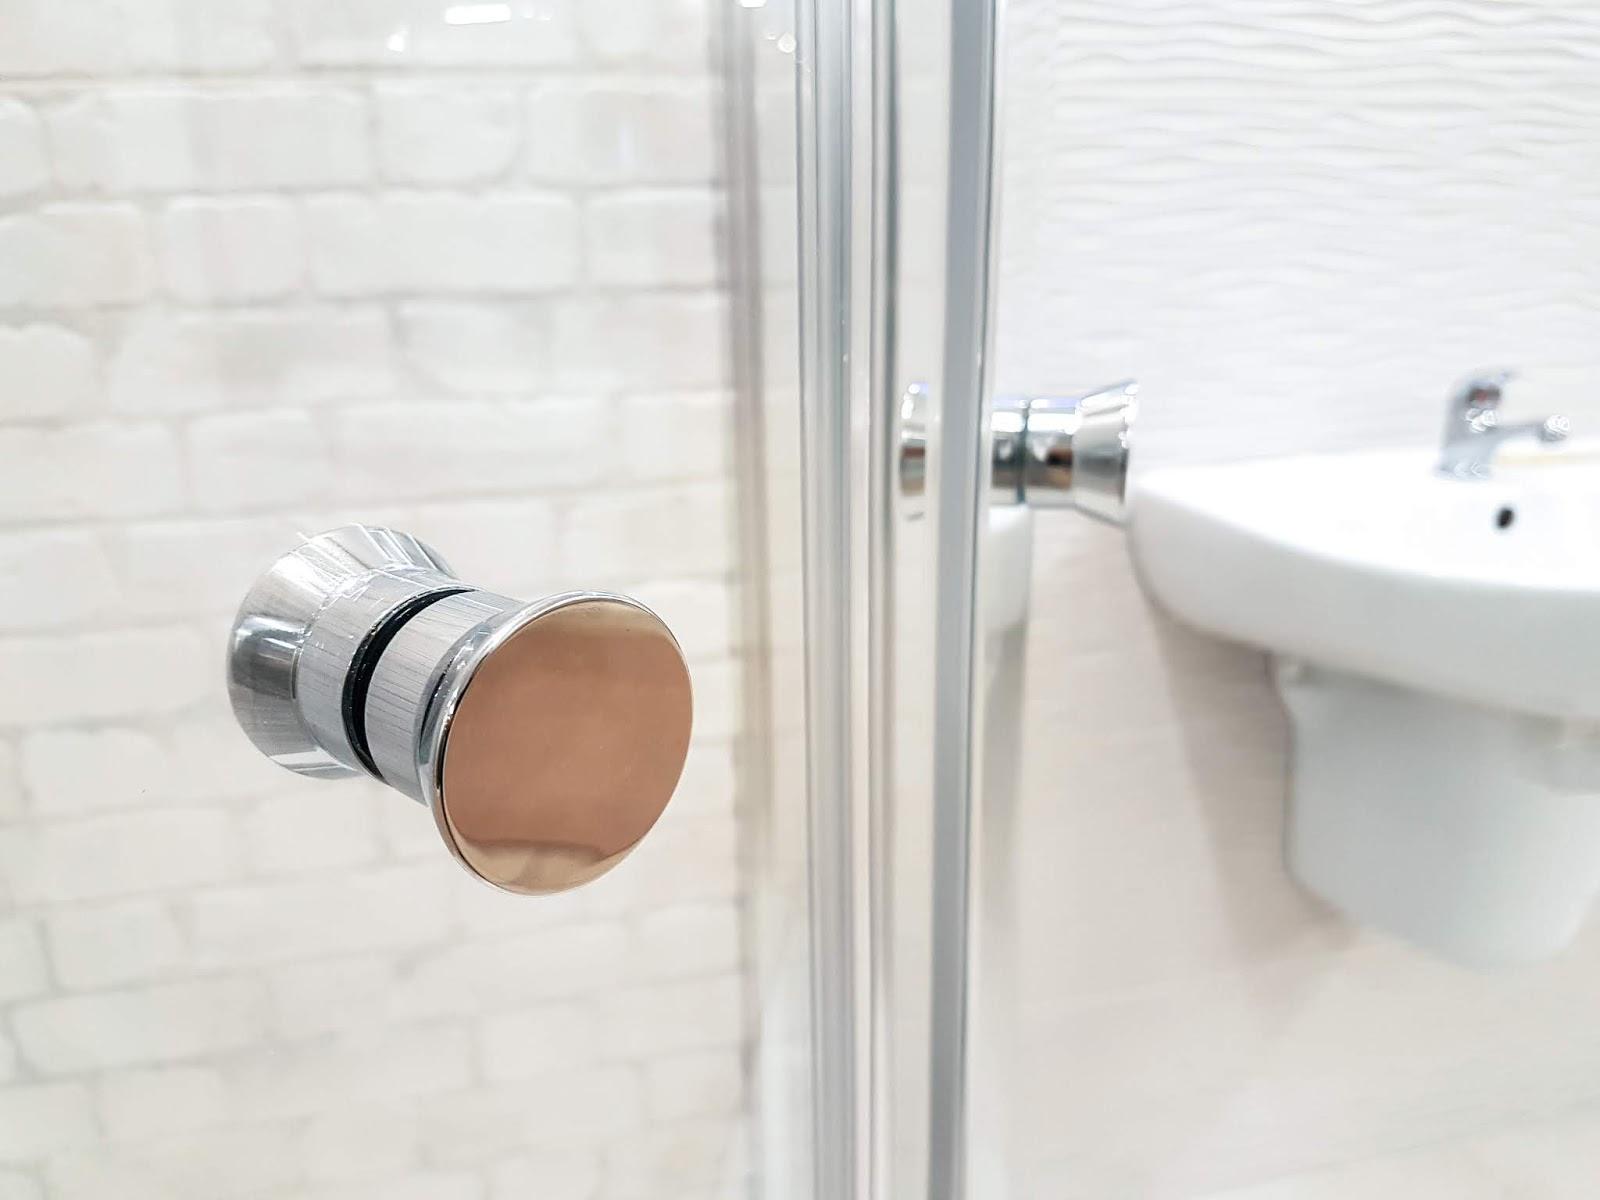 Woonkamer Sfeervol Inrichten : Tips inspiratie je badkamer sfeervol inrichten met een klein